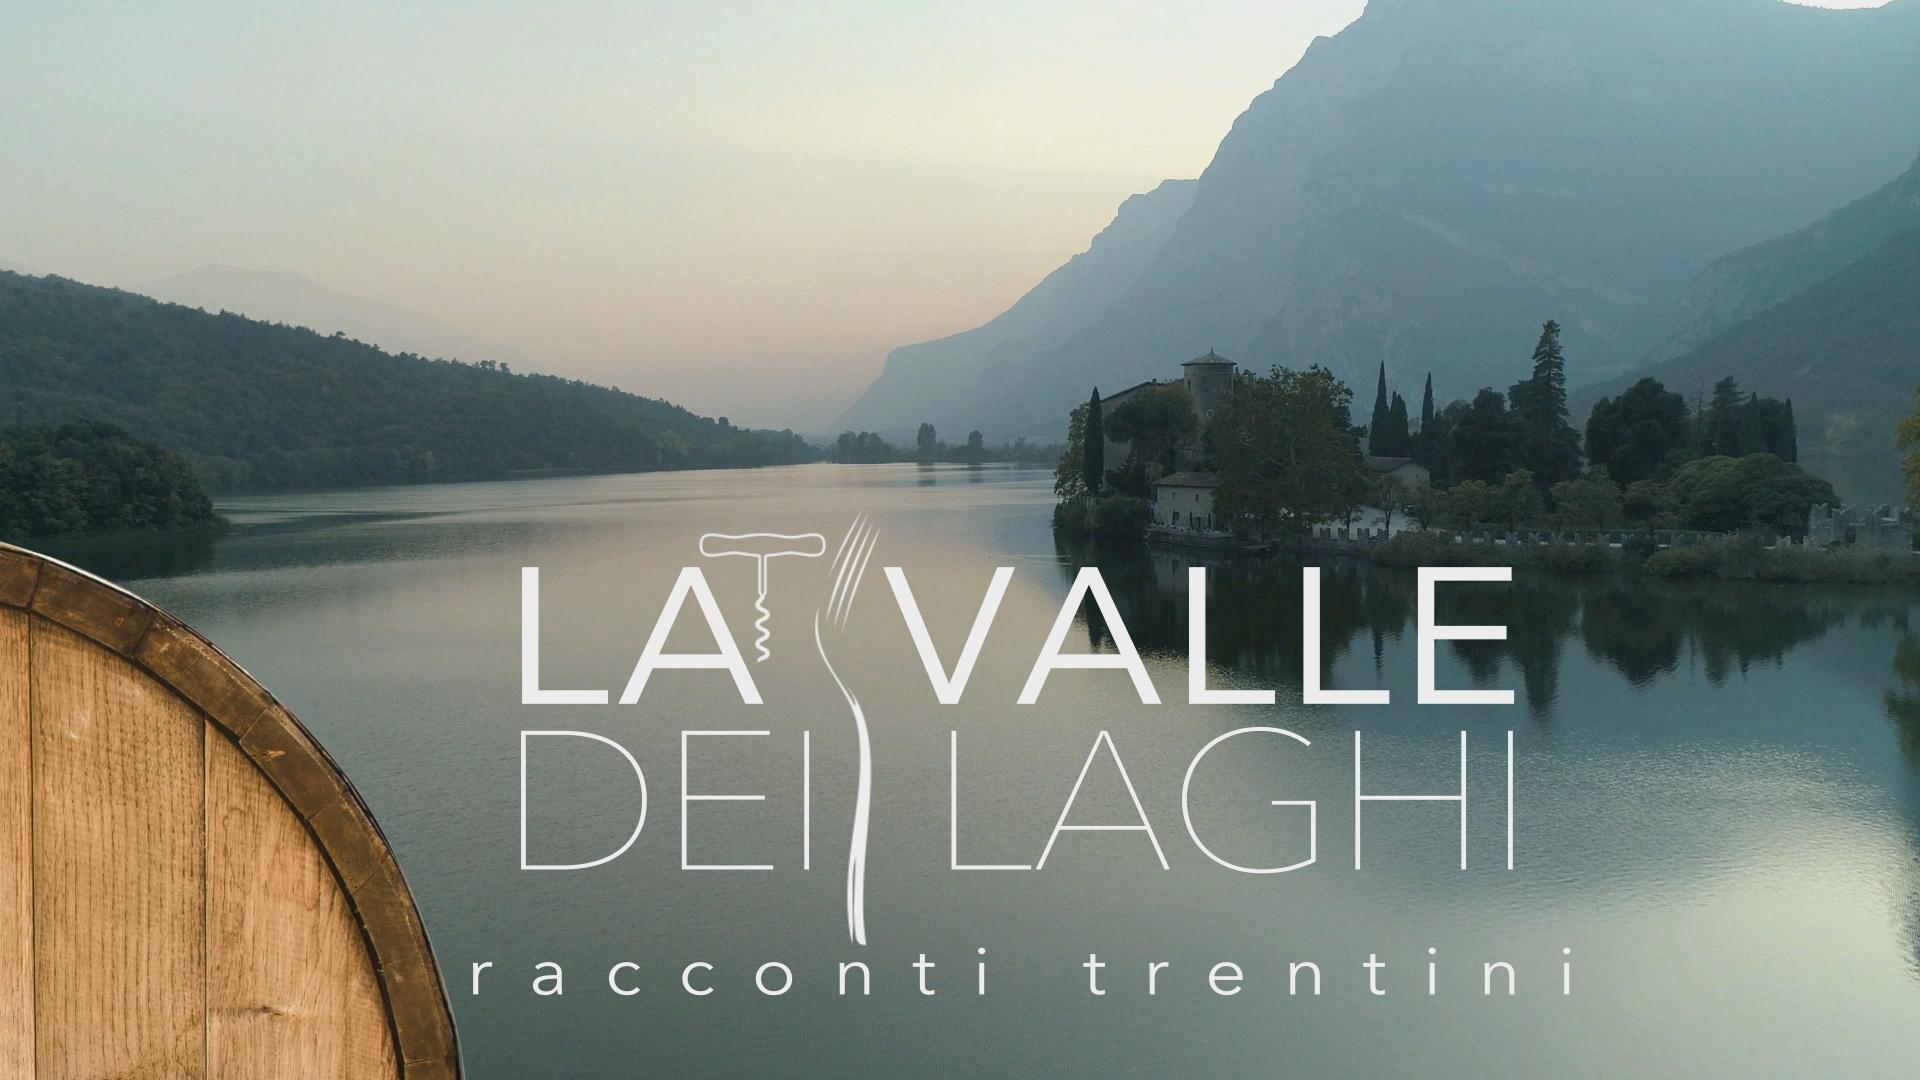 La valle dei laghi - Alter Ego